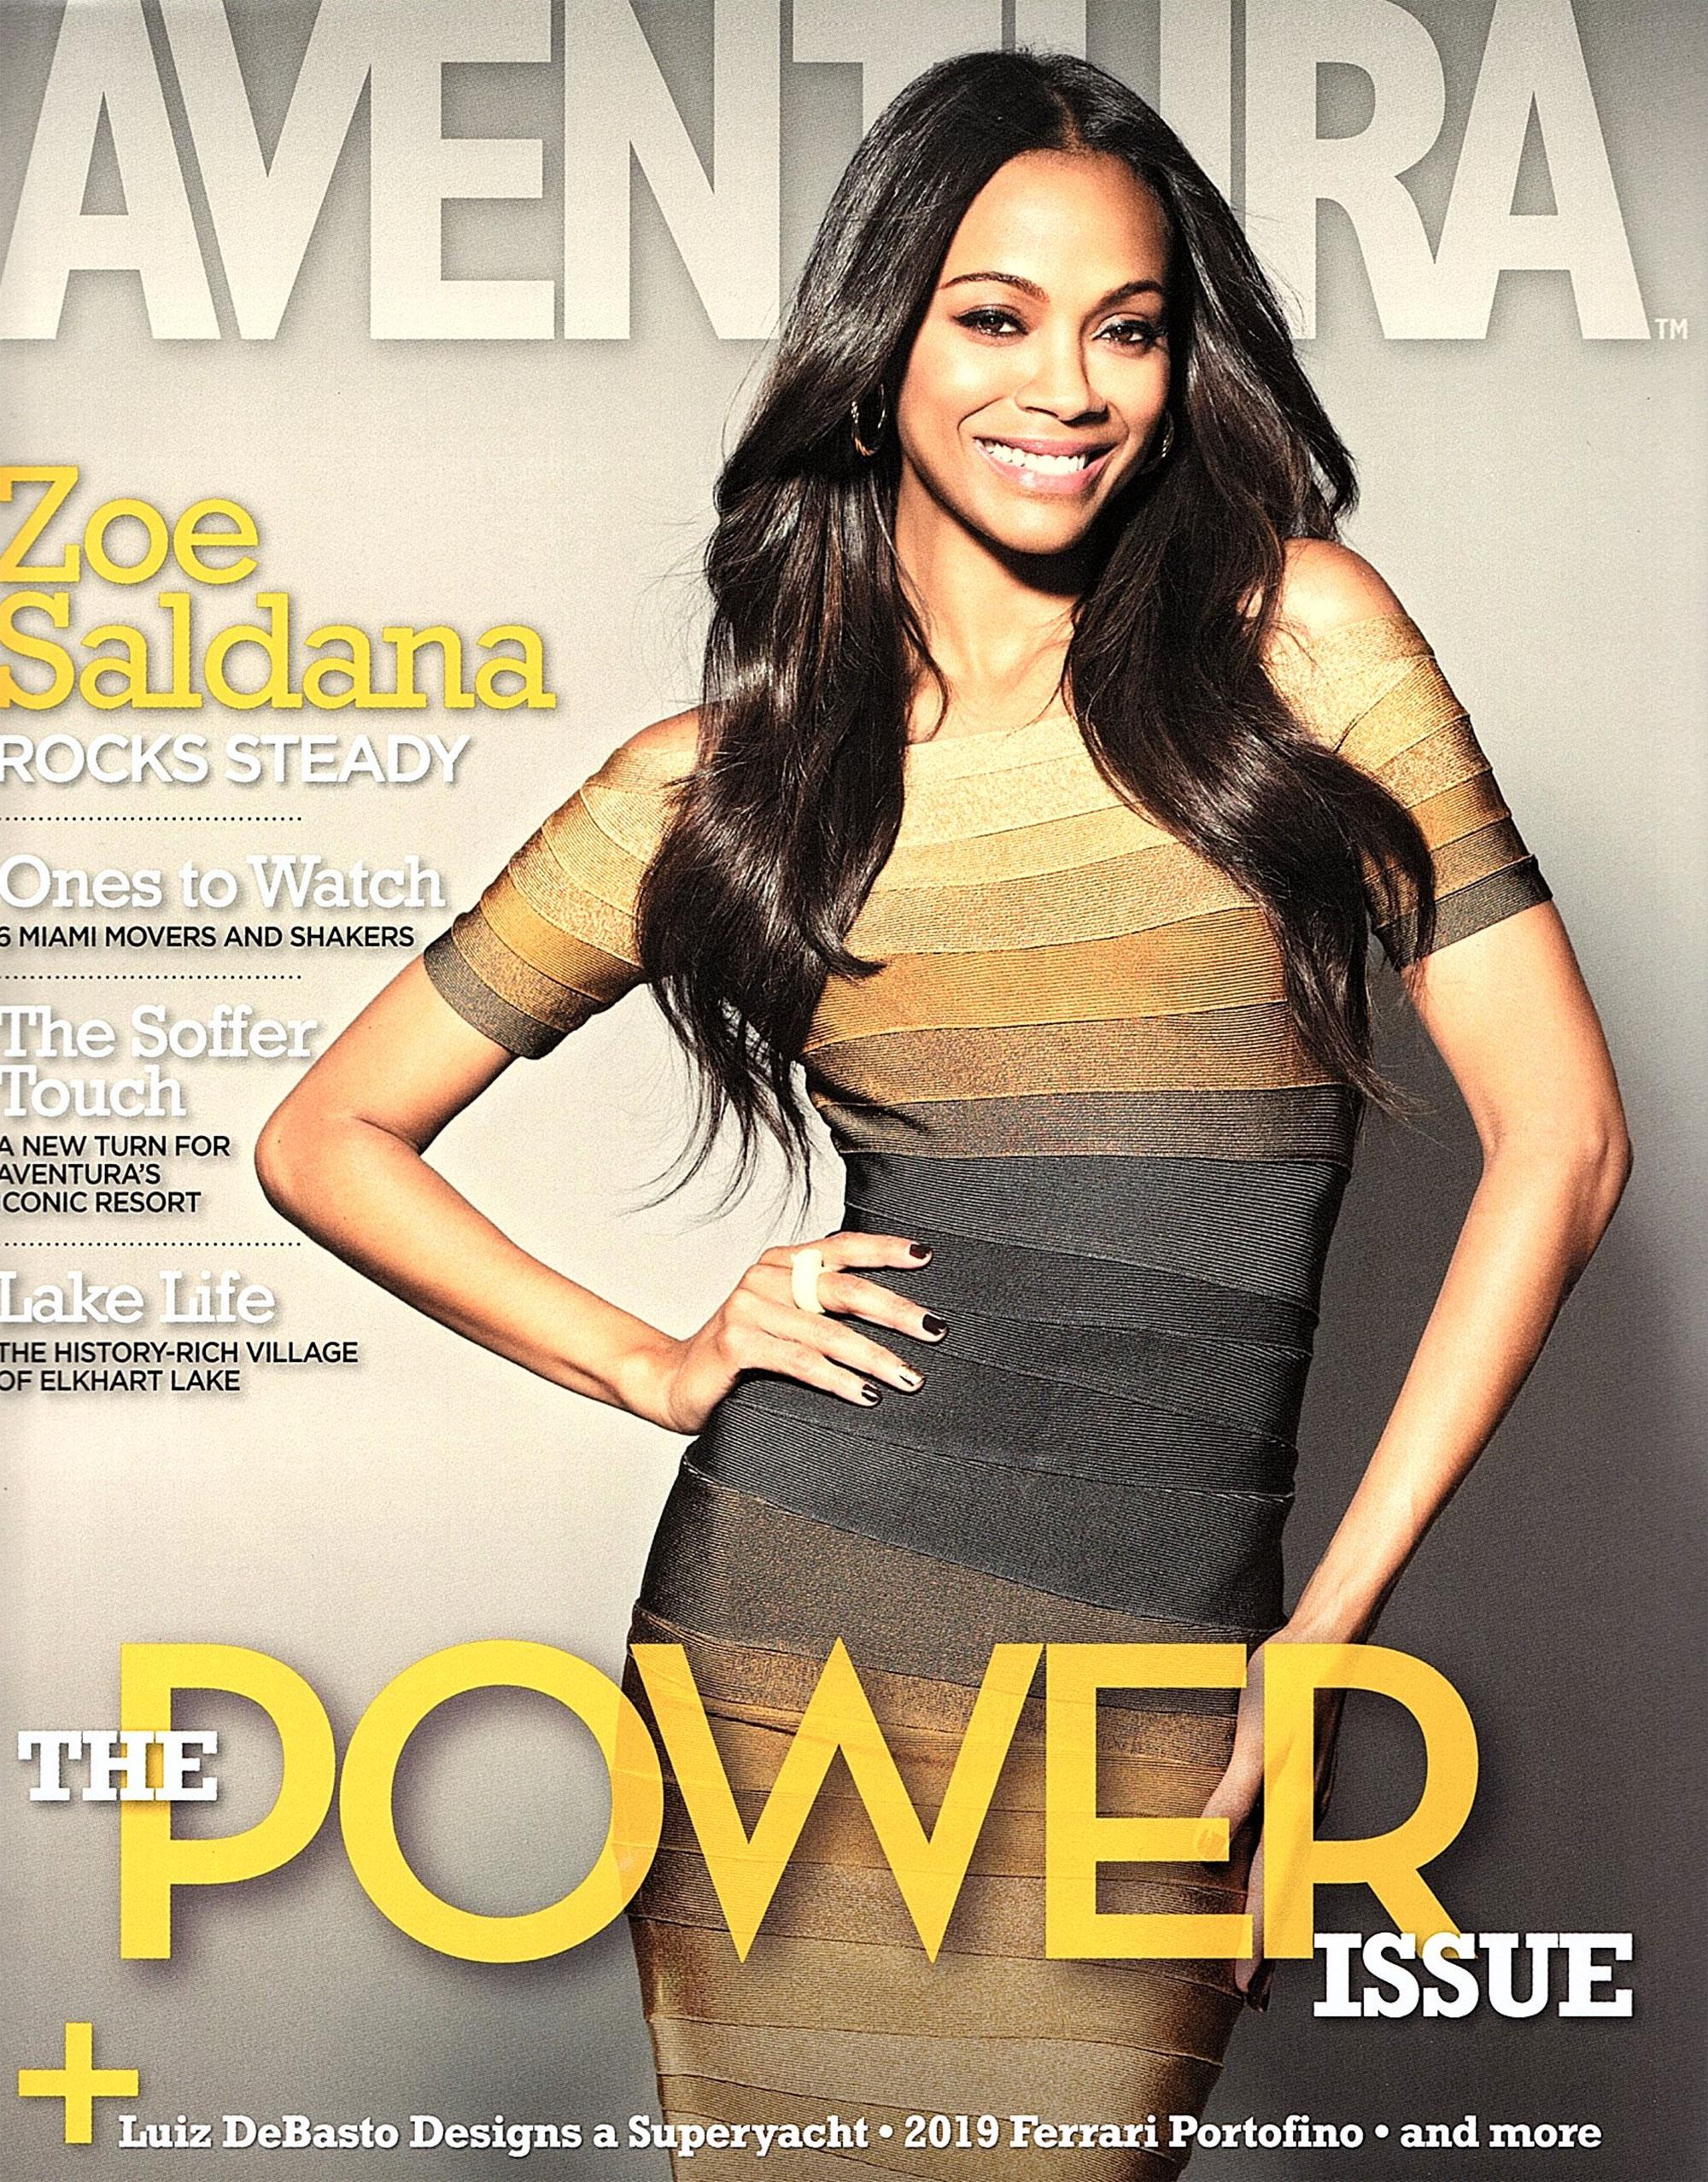 Aventura-magazine-Power-Players-issue-2019-1